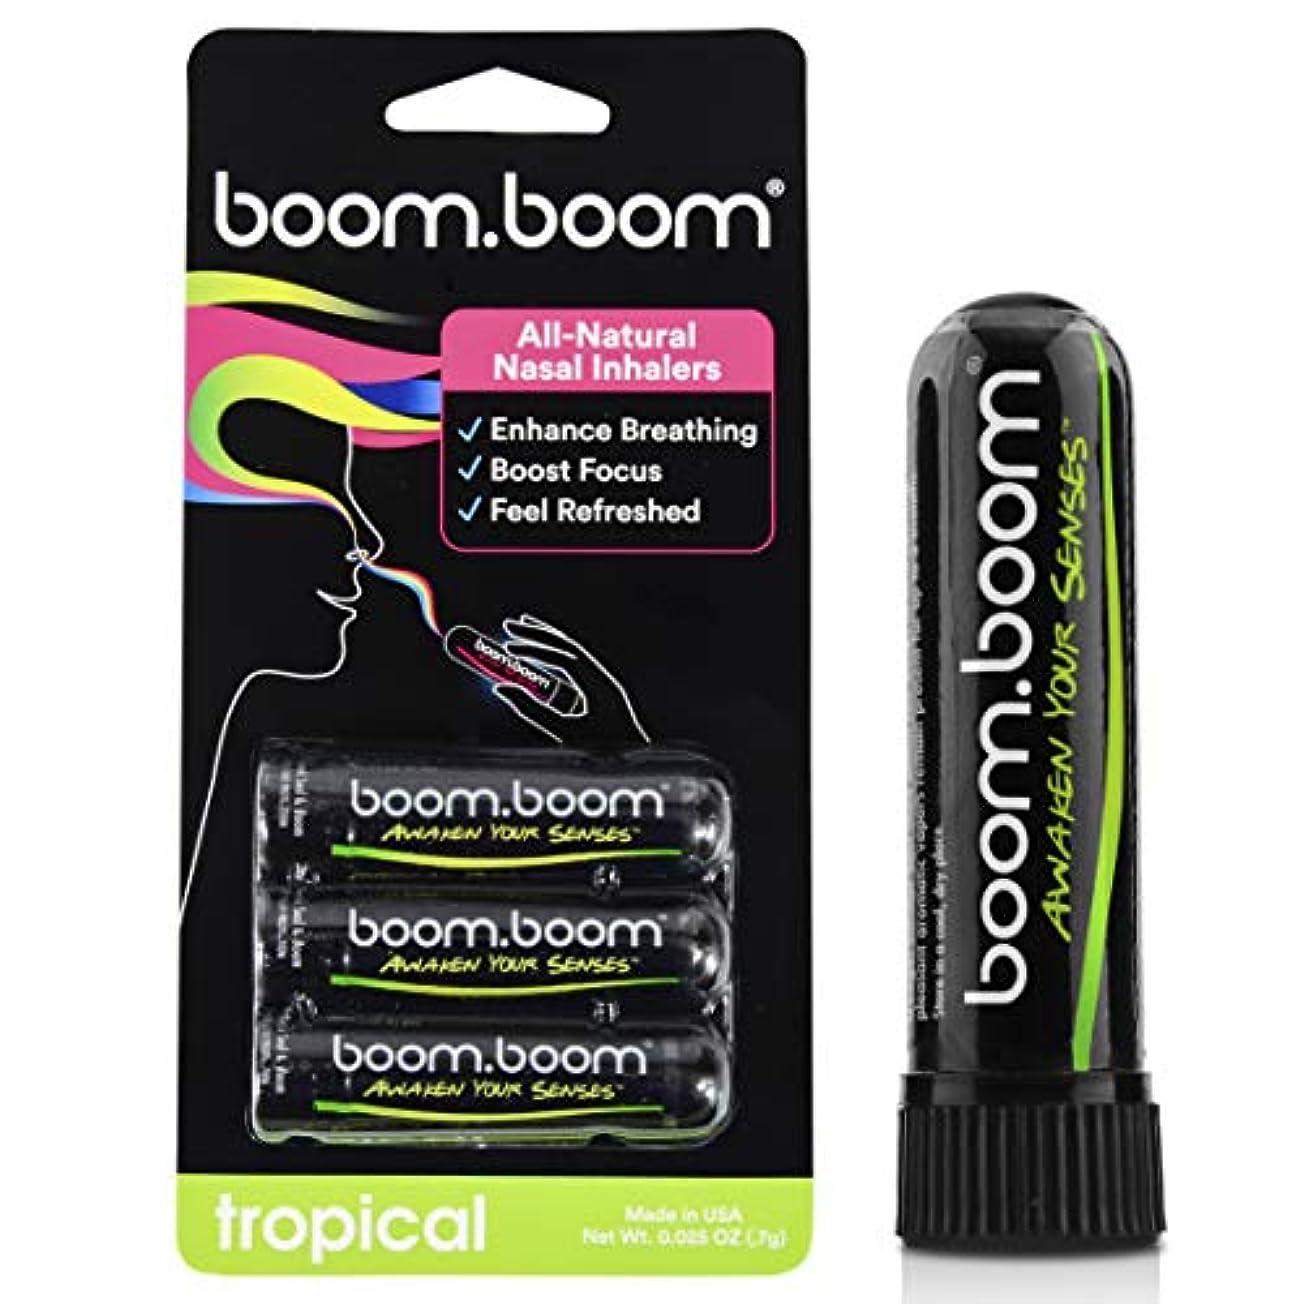 お互いジャズあなたはアロマテラピー鼻吸入器(3パック)by BoomBoom | すべての自然植物療法エッセンシャルオイル気化器| Stuffy Noseからのインスタントリリーフ| 素晴らしいフレーバーメントール、ペパーミント、ユーカリ(...